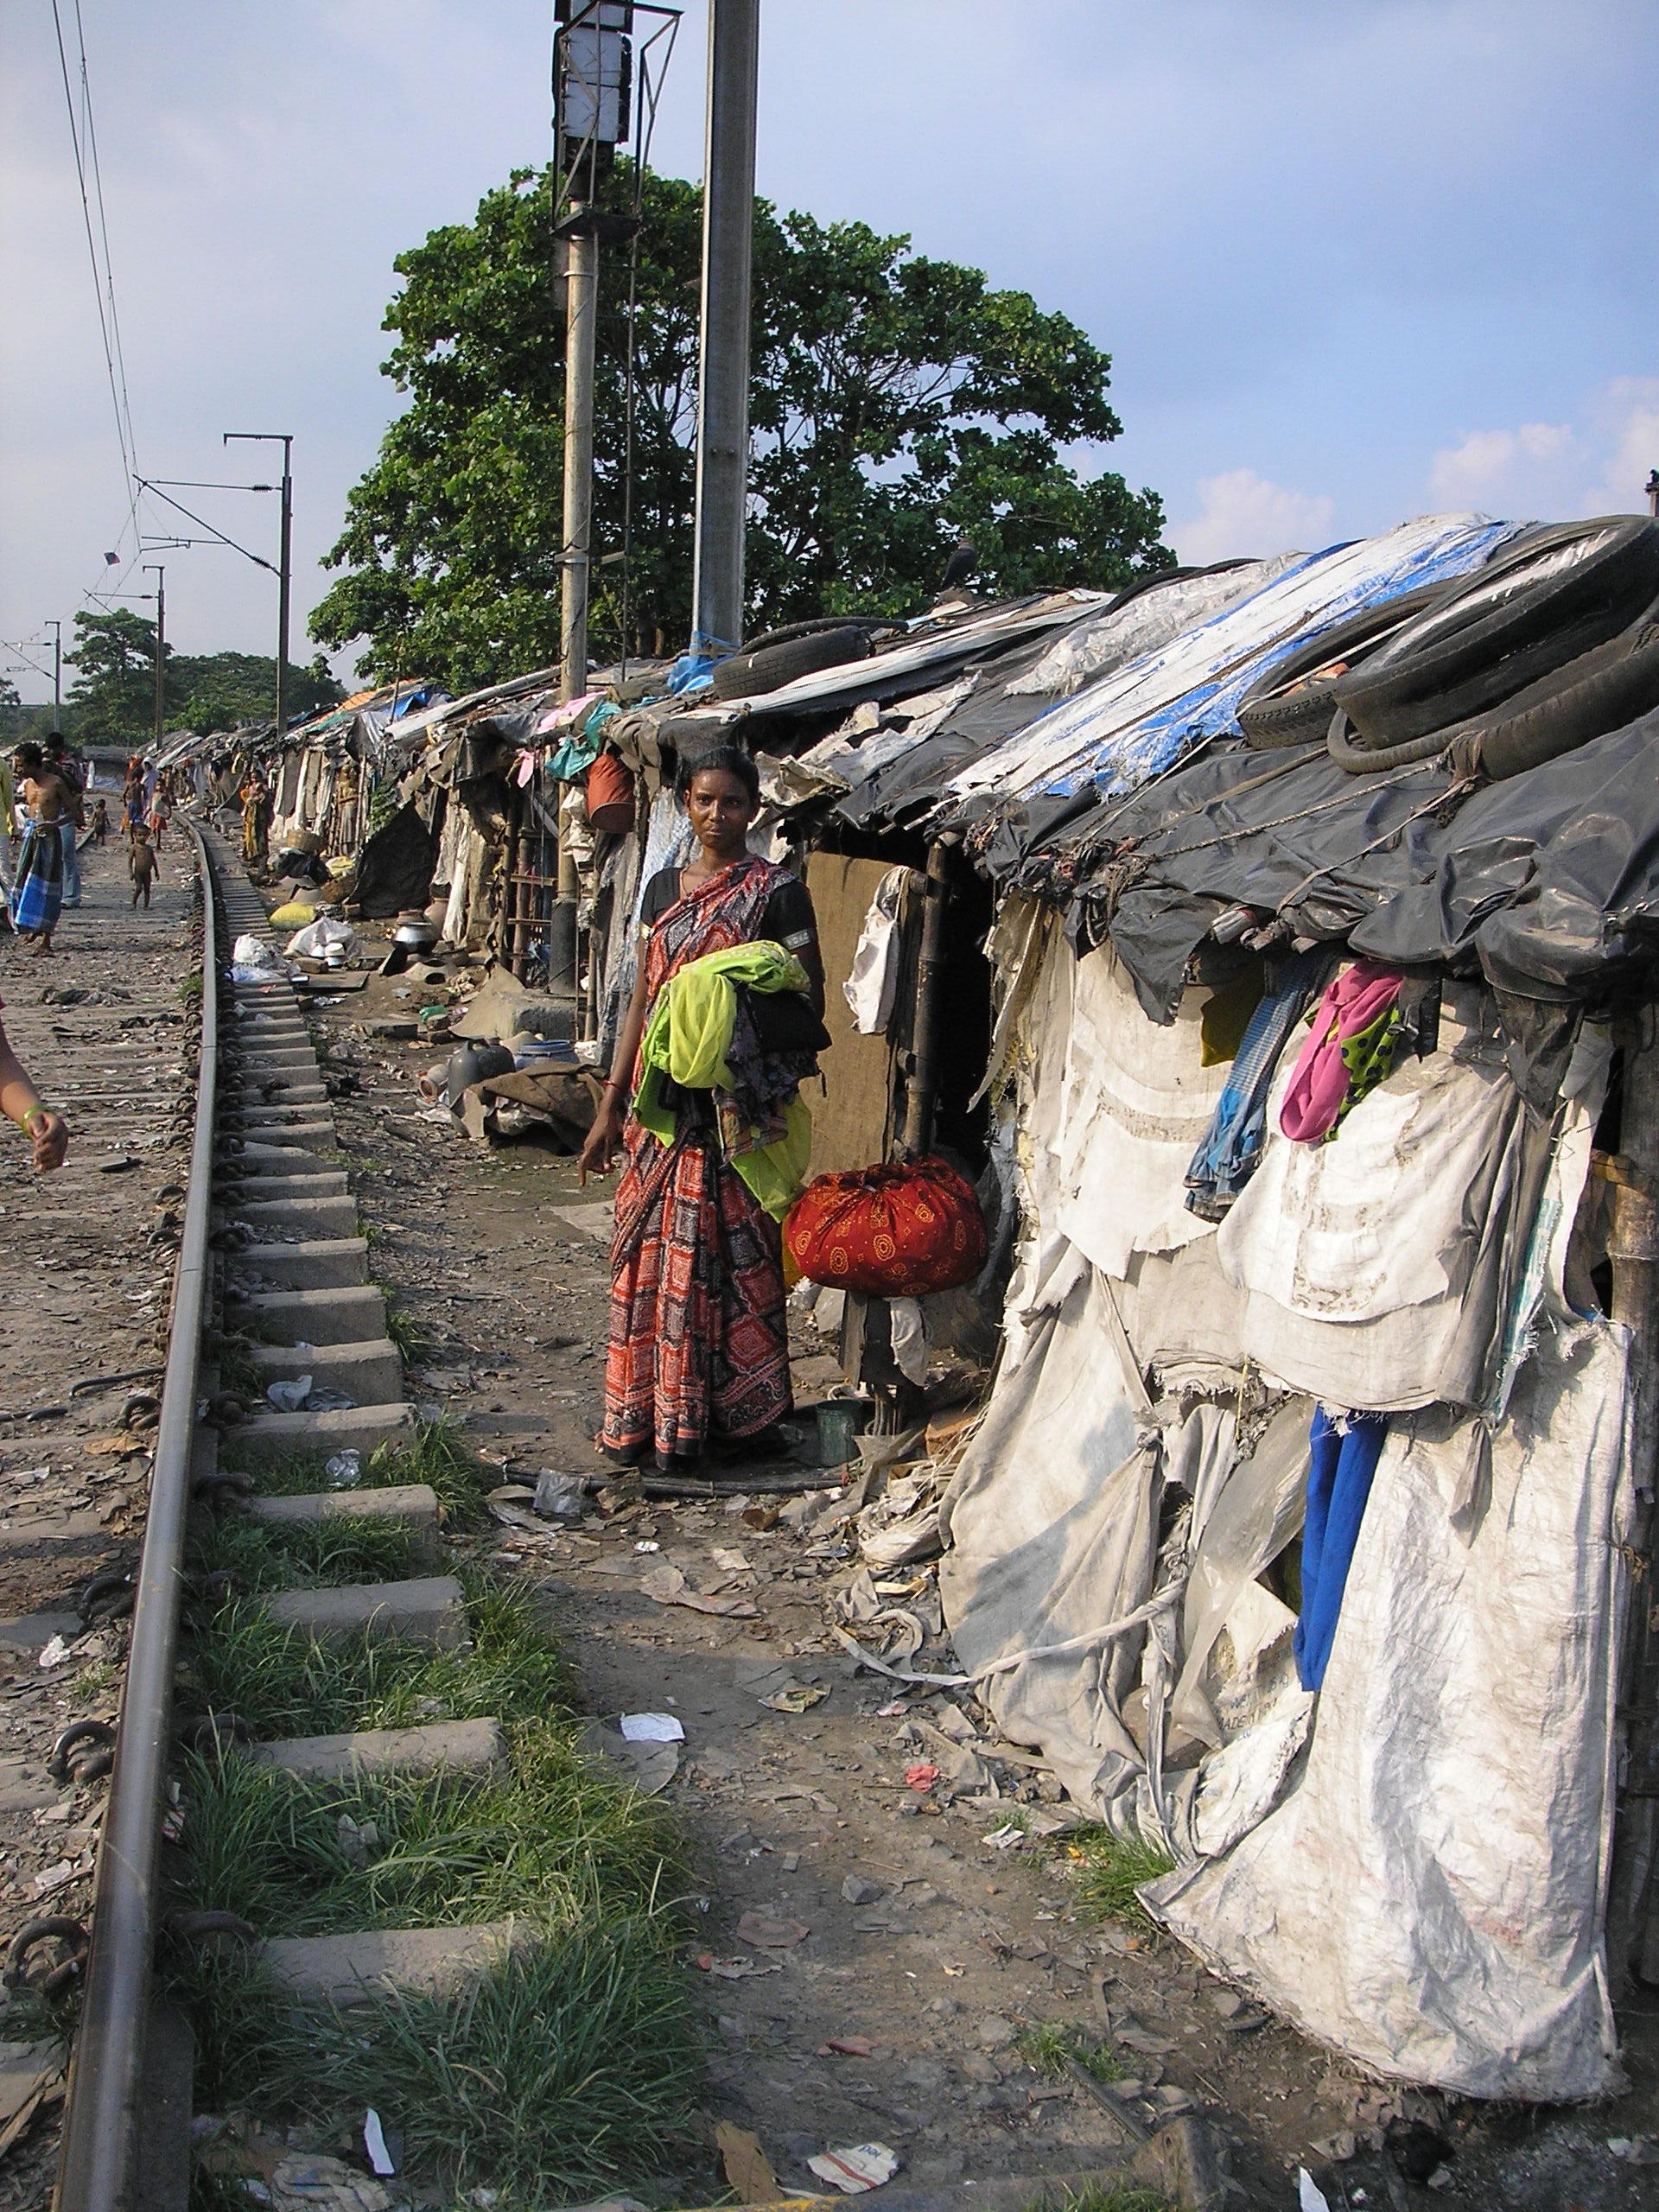 Calcutta - Slum lungo le rotaie